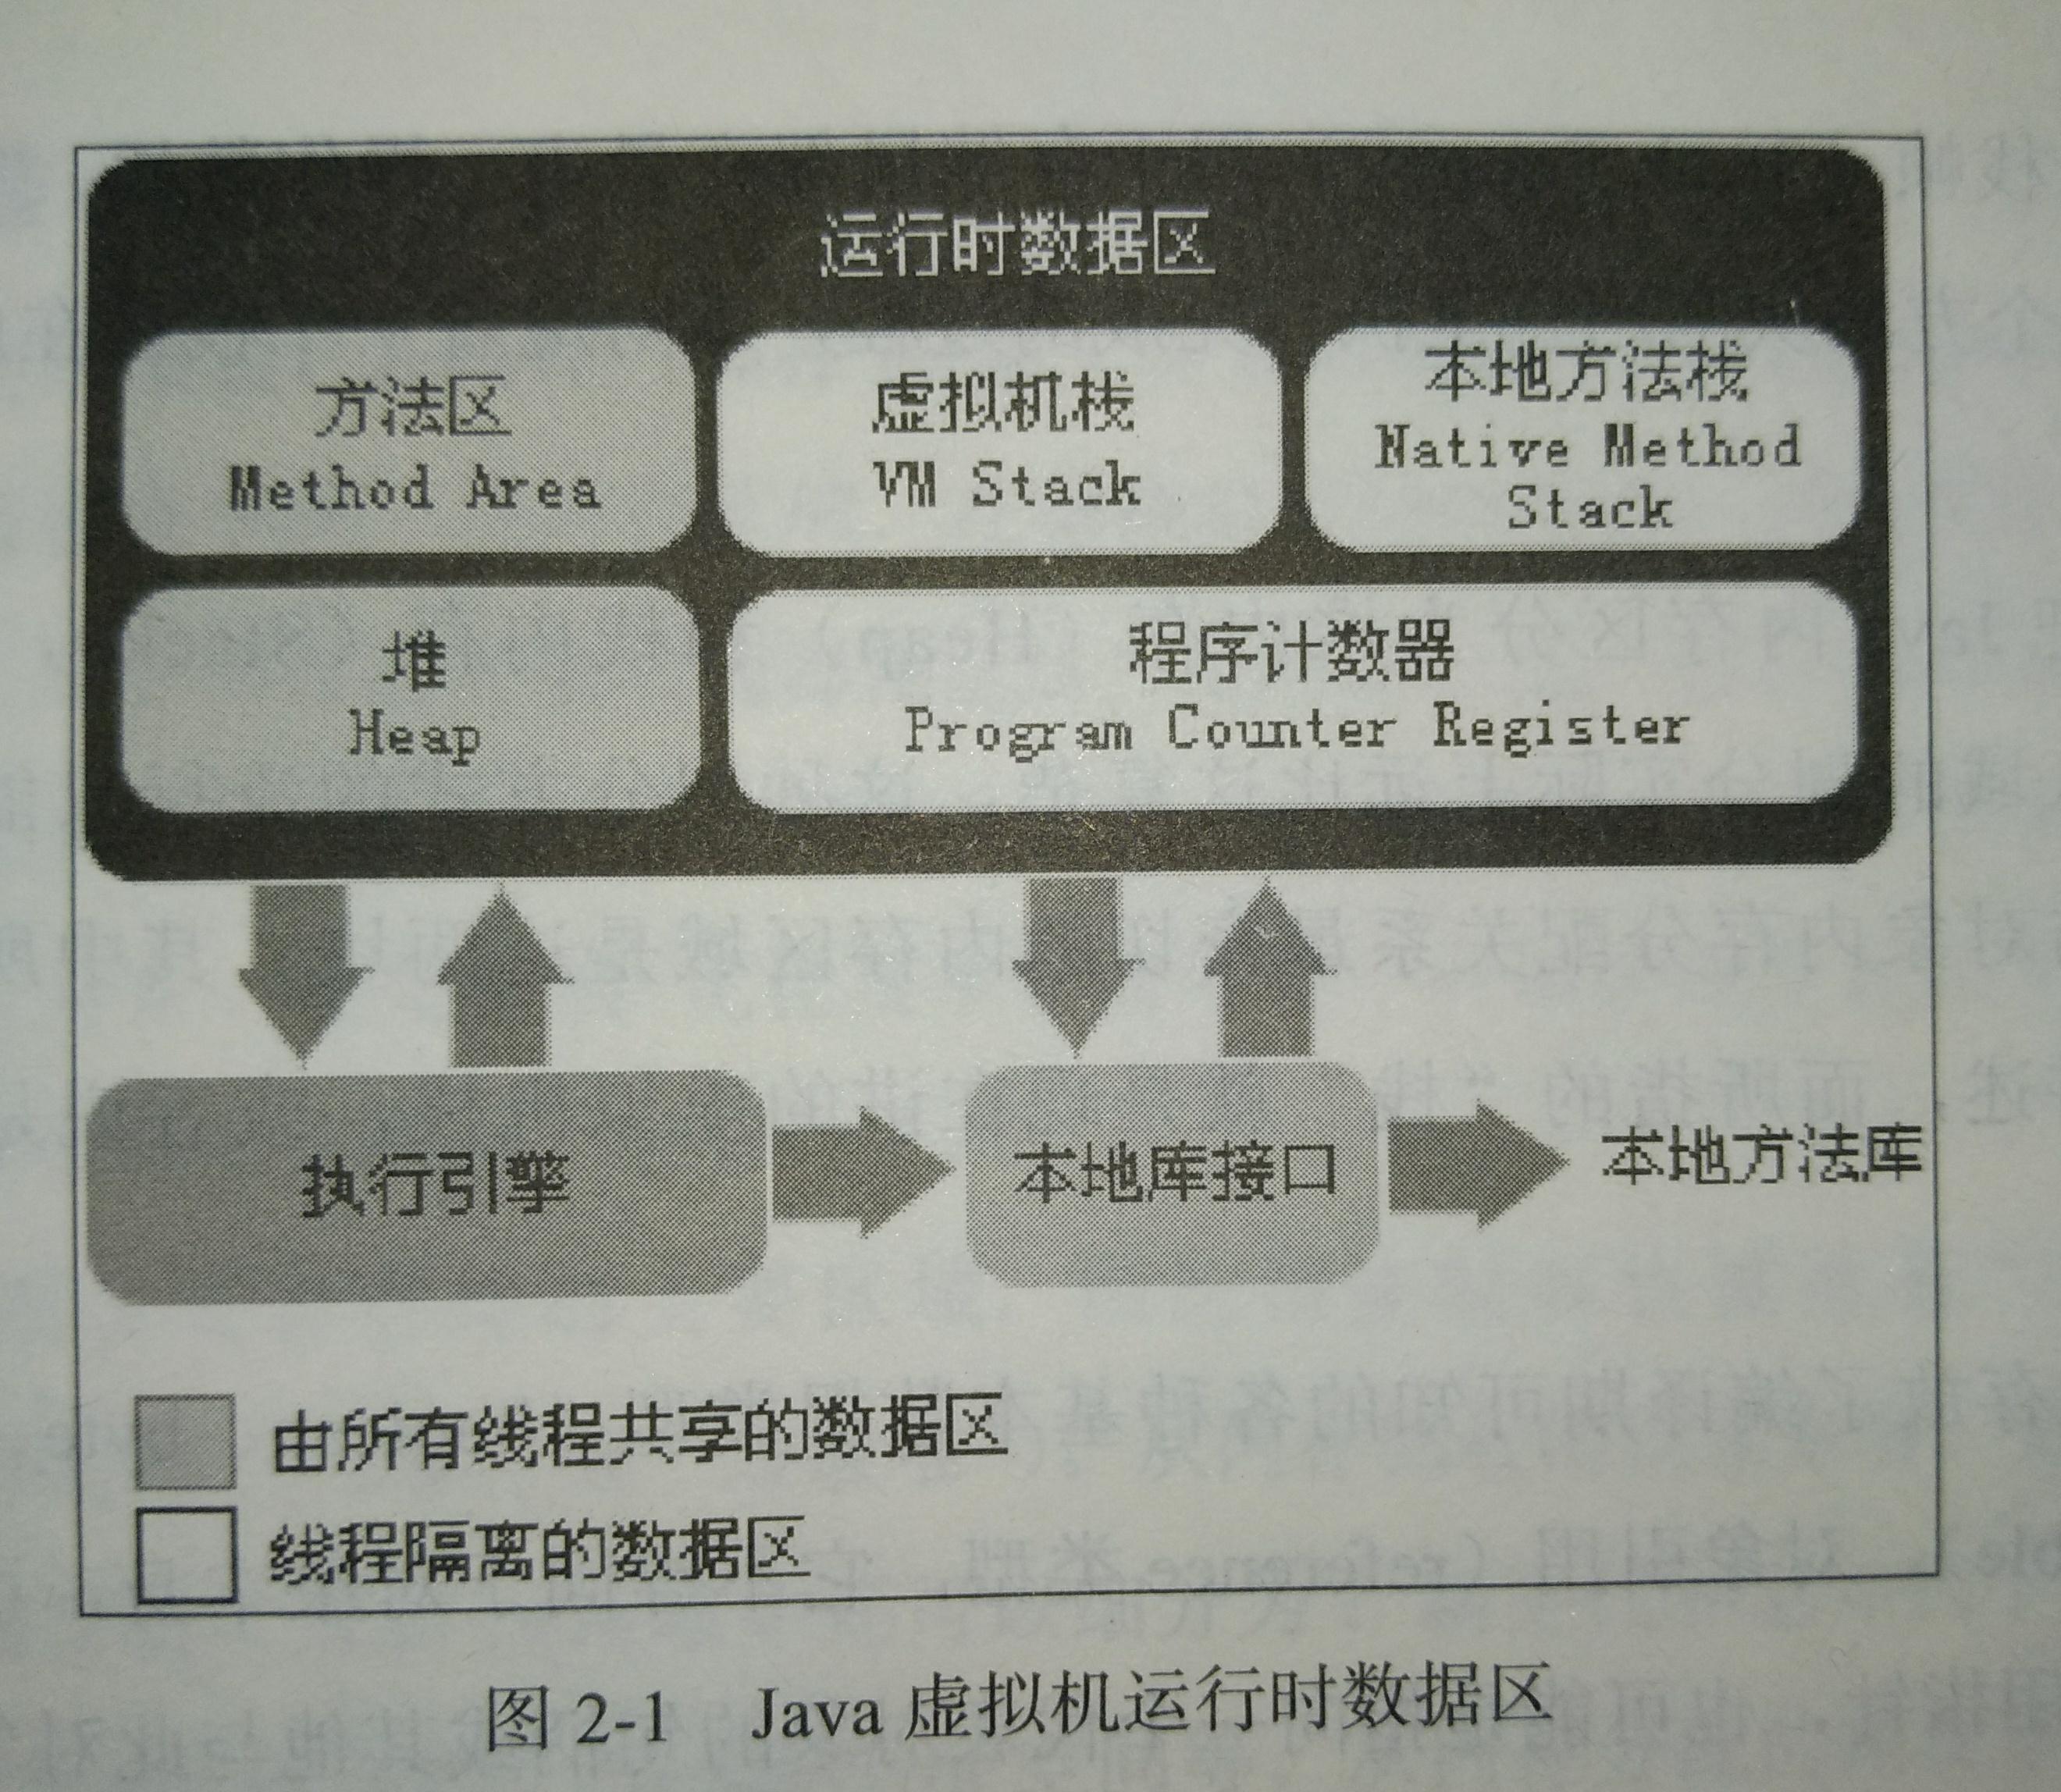 内存区域划分图